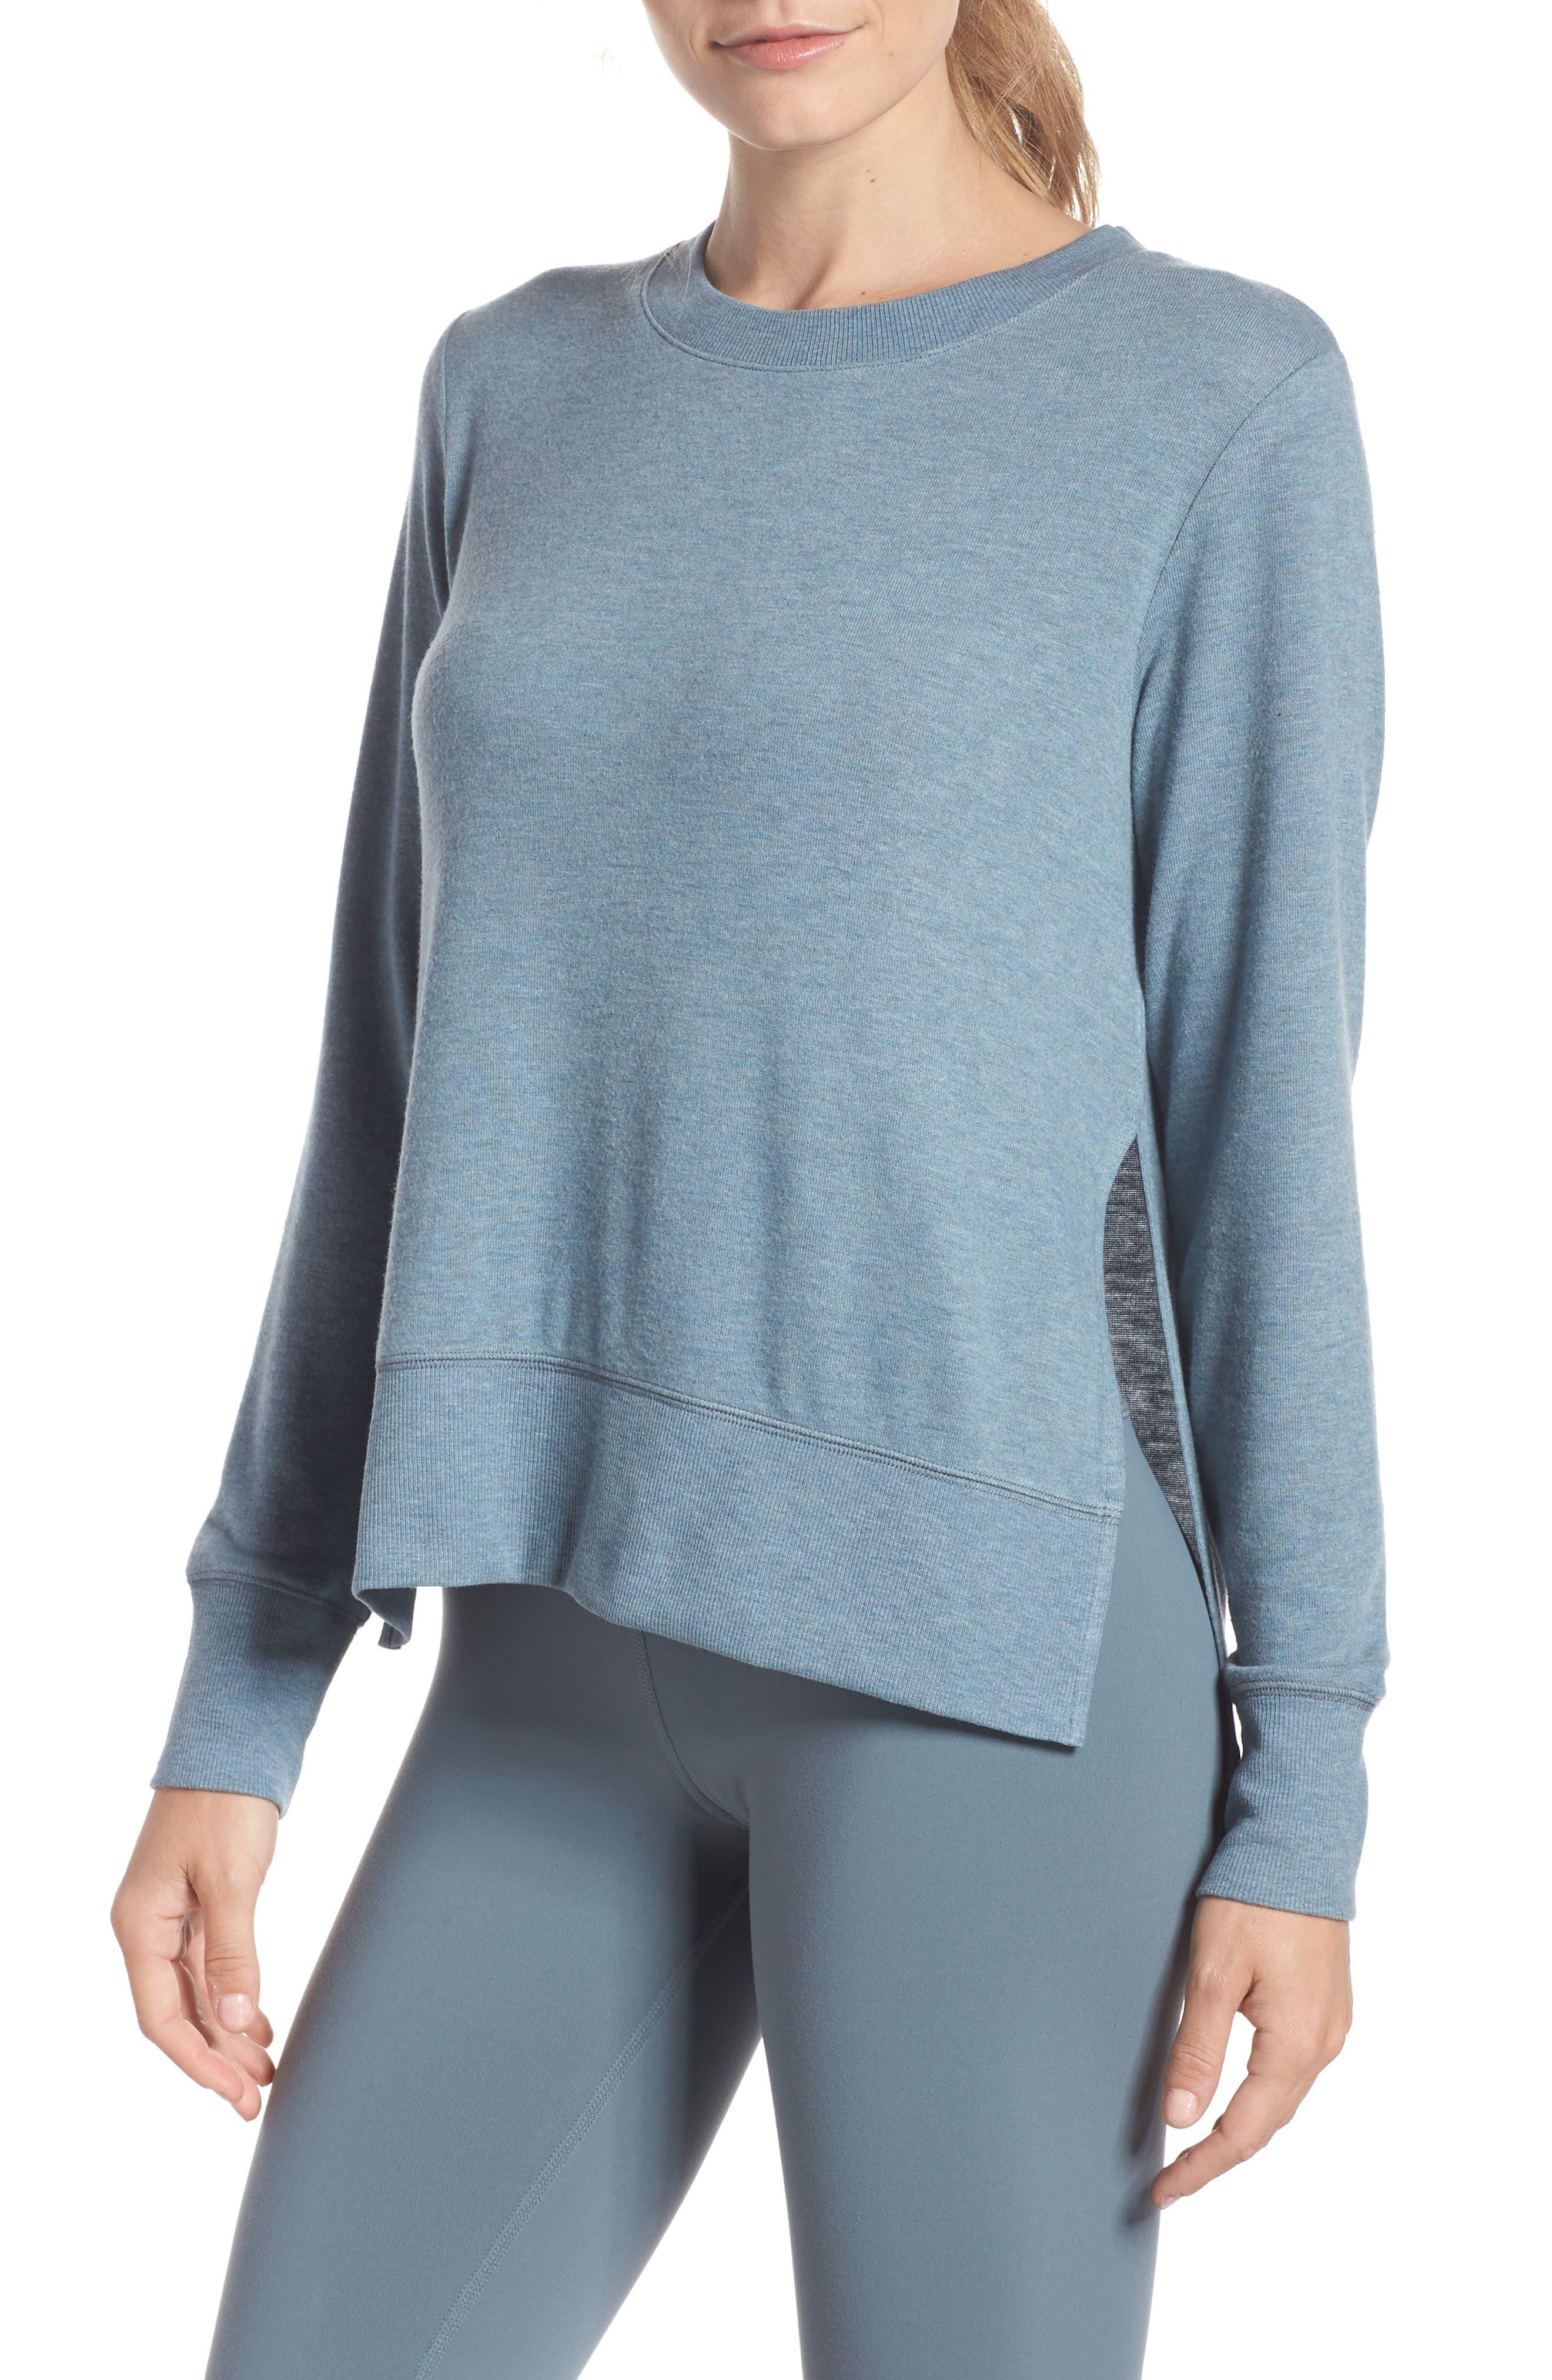 'Glimpse' Long Sleeve Top,                         Main,                         color, CONCRETE HEATHER